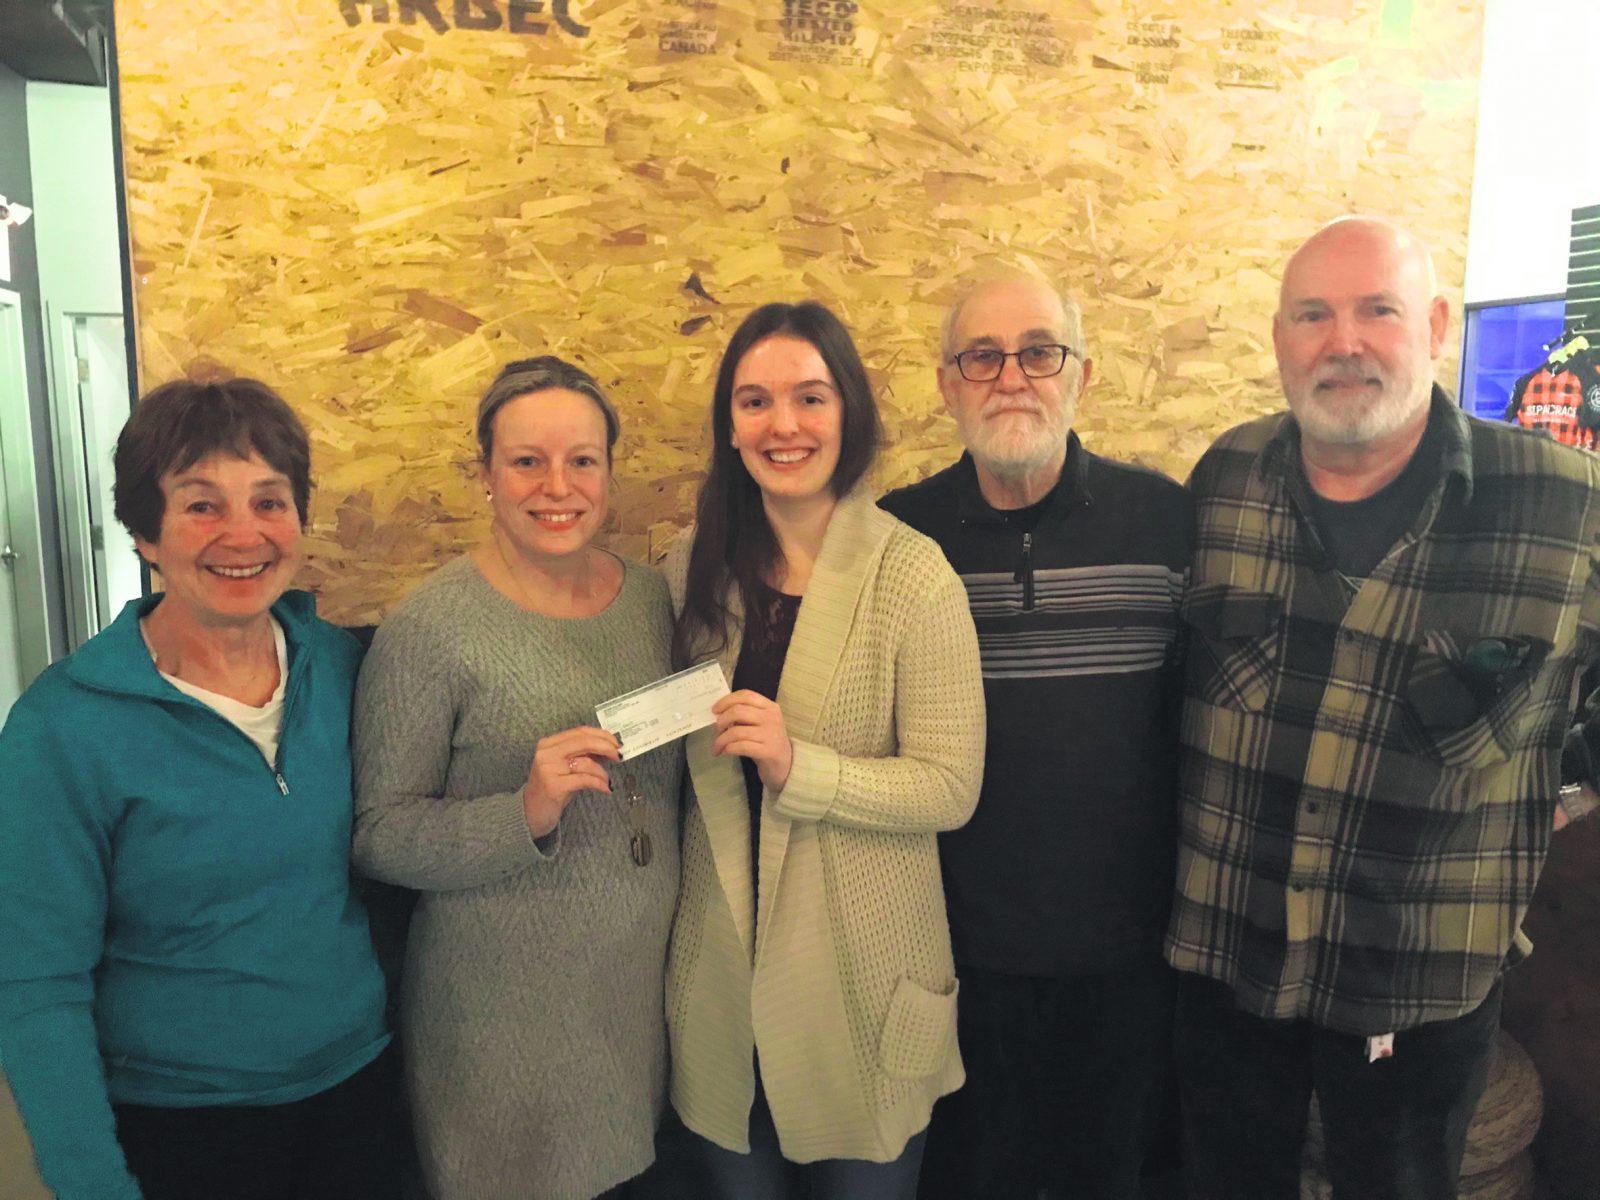 Johannie Drolet reçoit une bourse de la Fondation Comeau